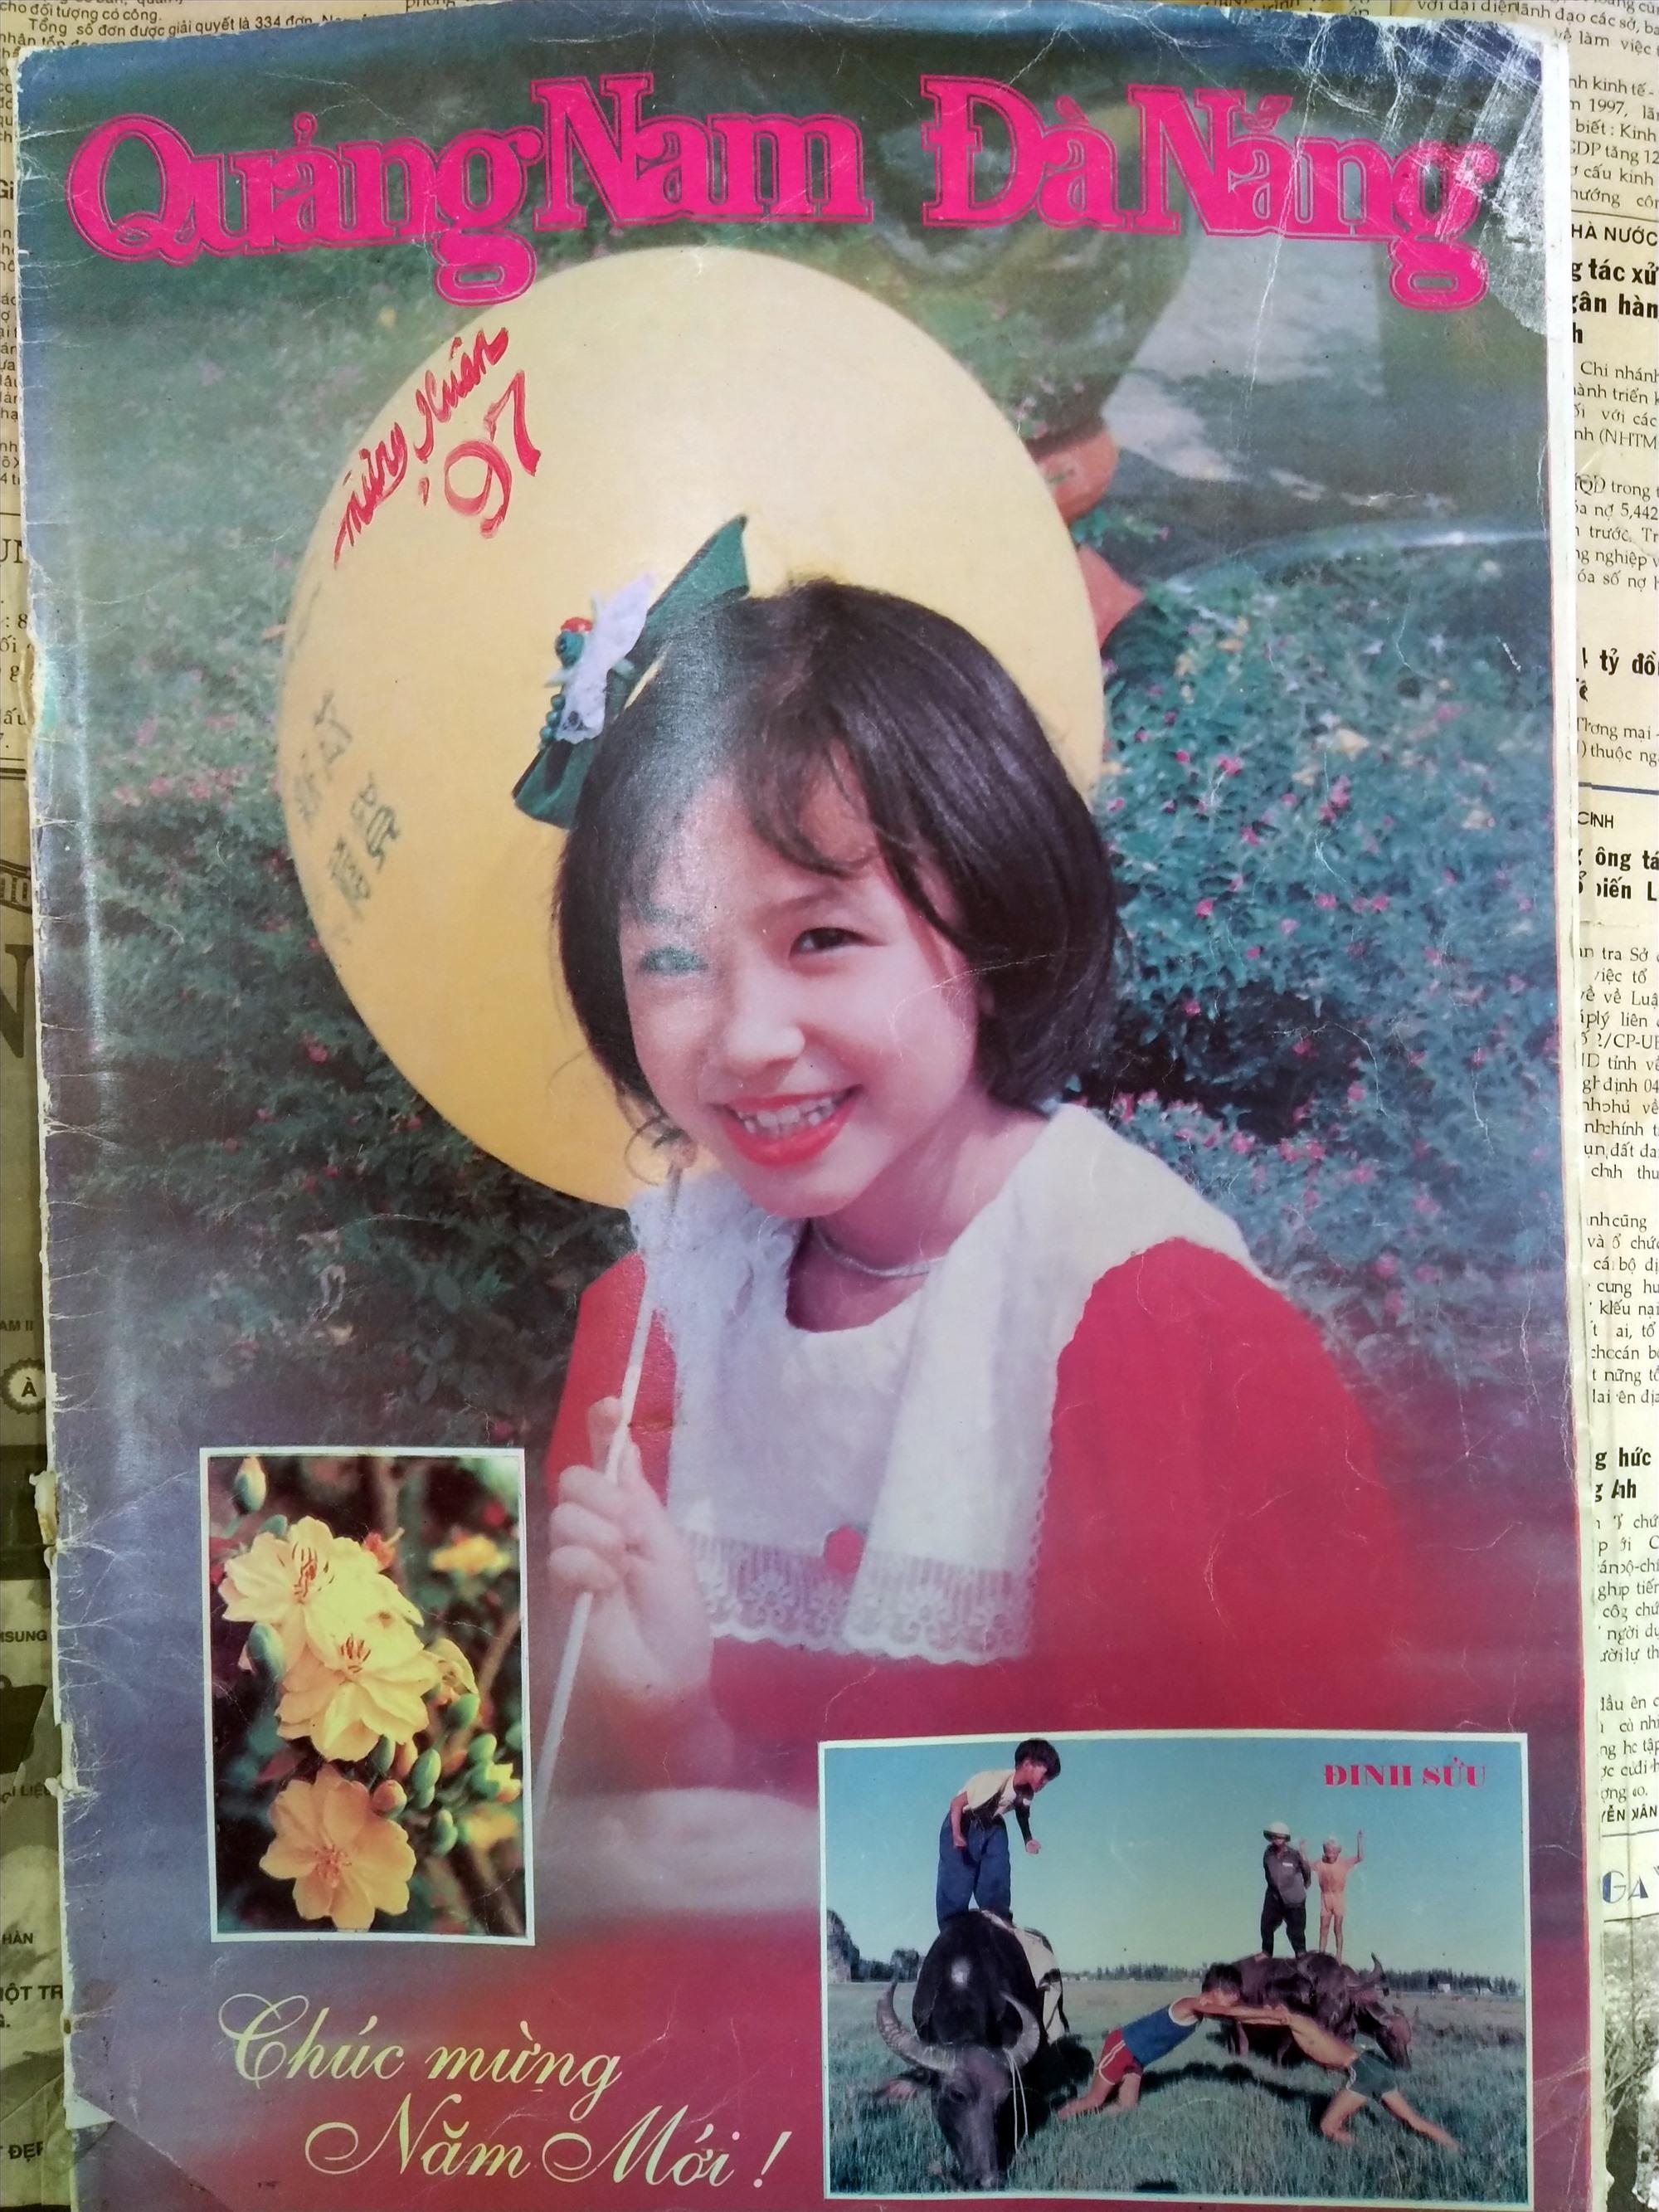 Bìa đặc san Xuân 1997 báo Quảng Nam Đà Nẵng trước khi chia tách. Ảnh: L.V